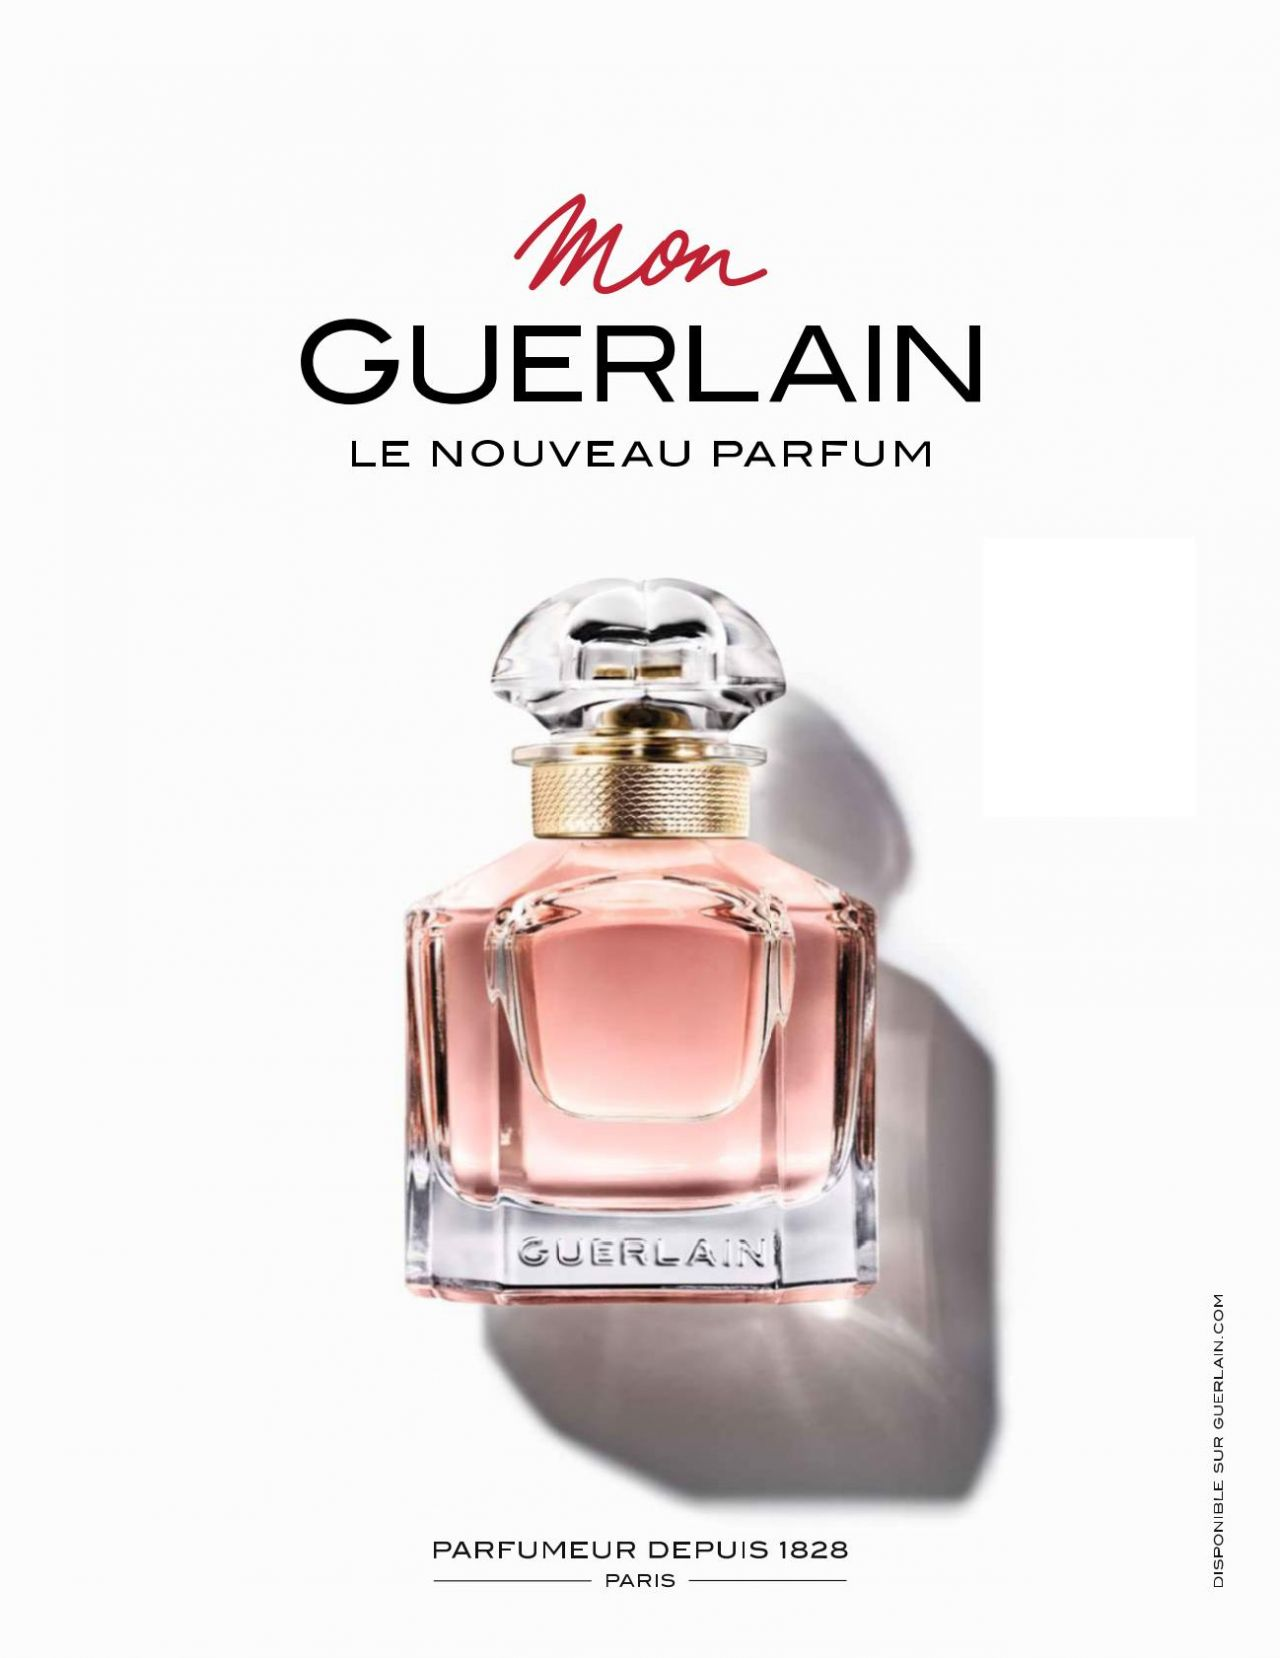 Angelina Jolie Guerlain Mon Guerlain Fragrance 2017